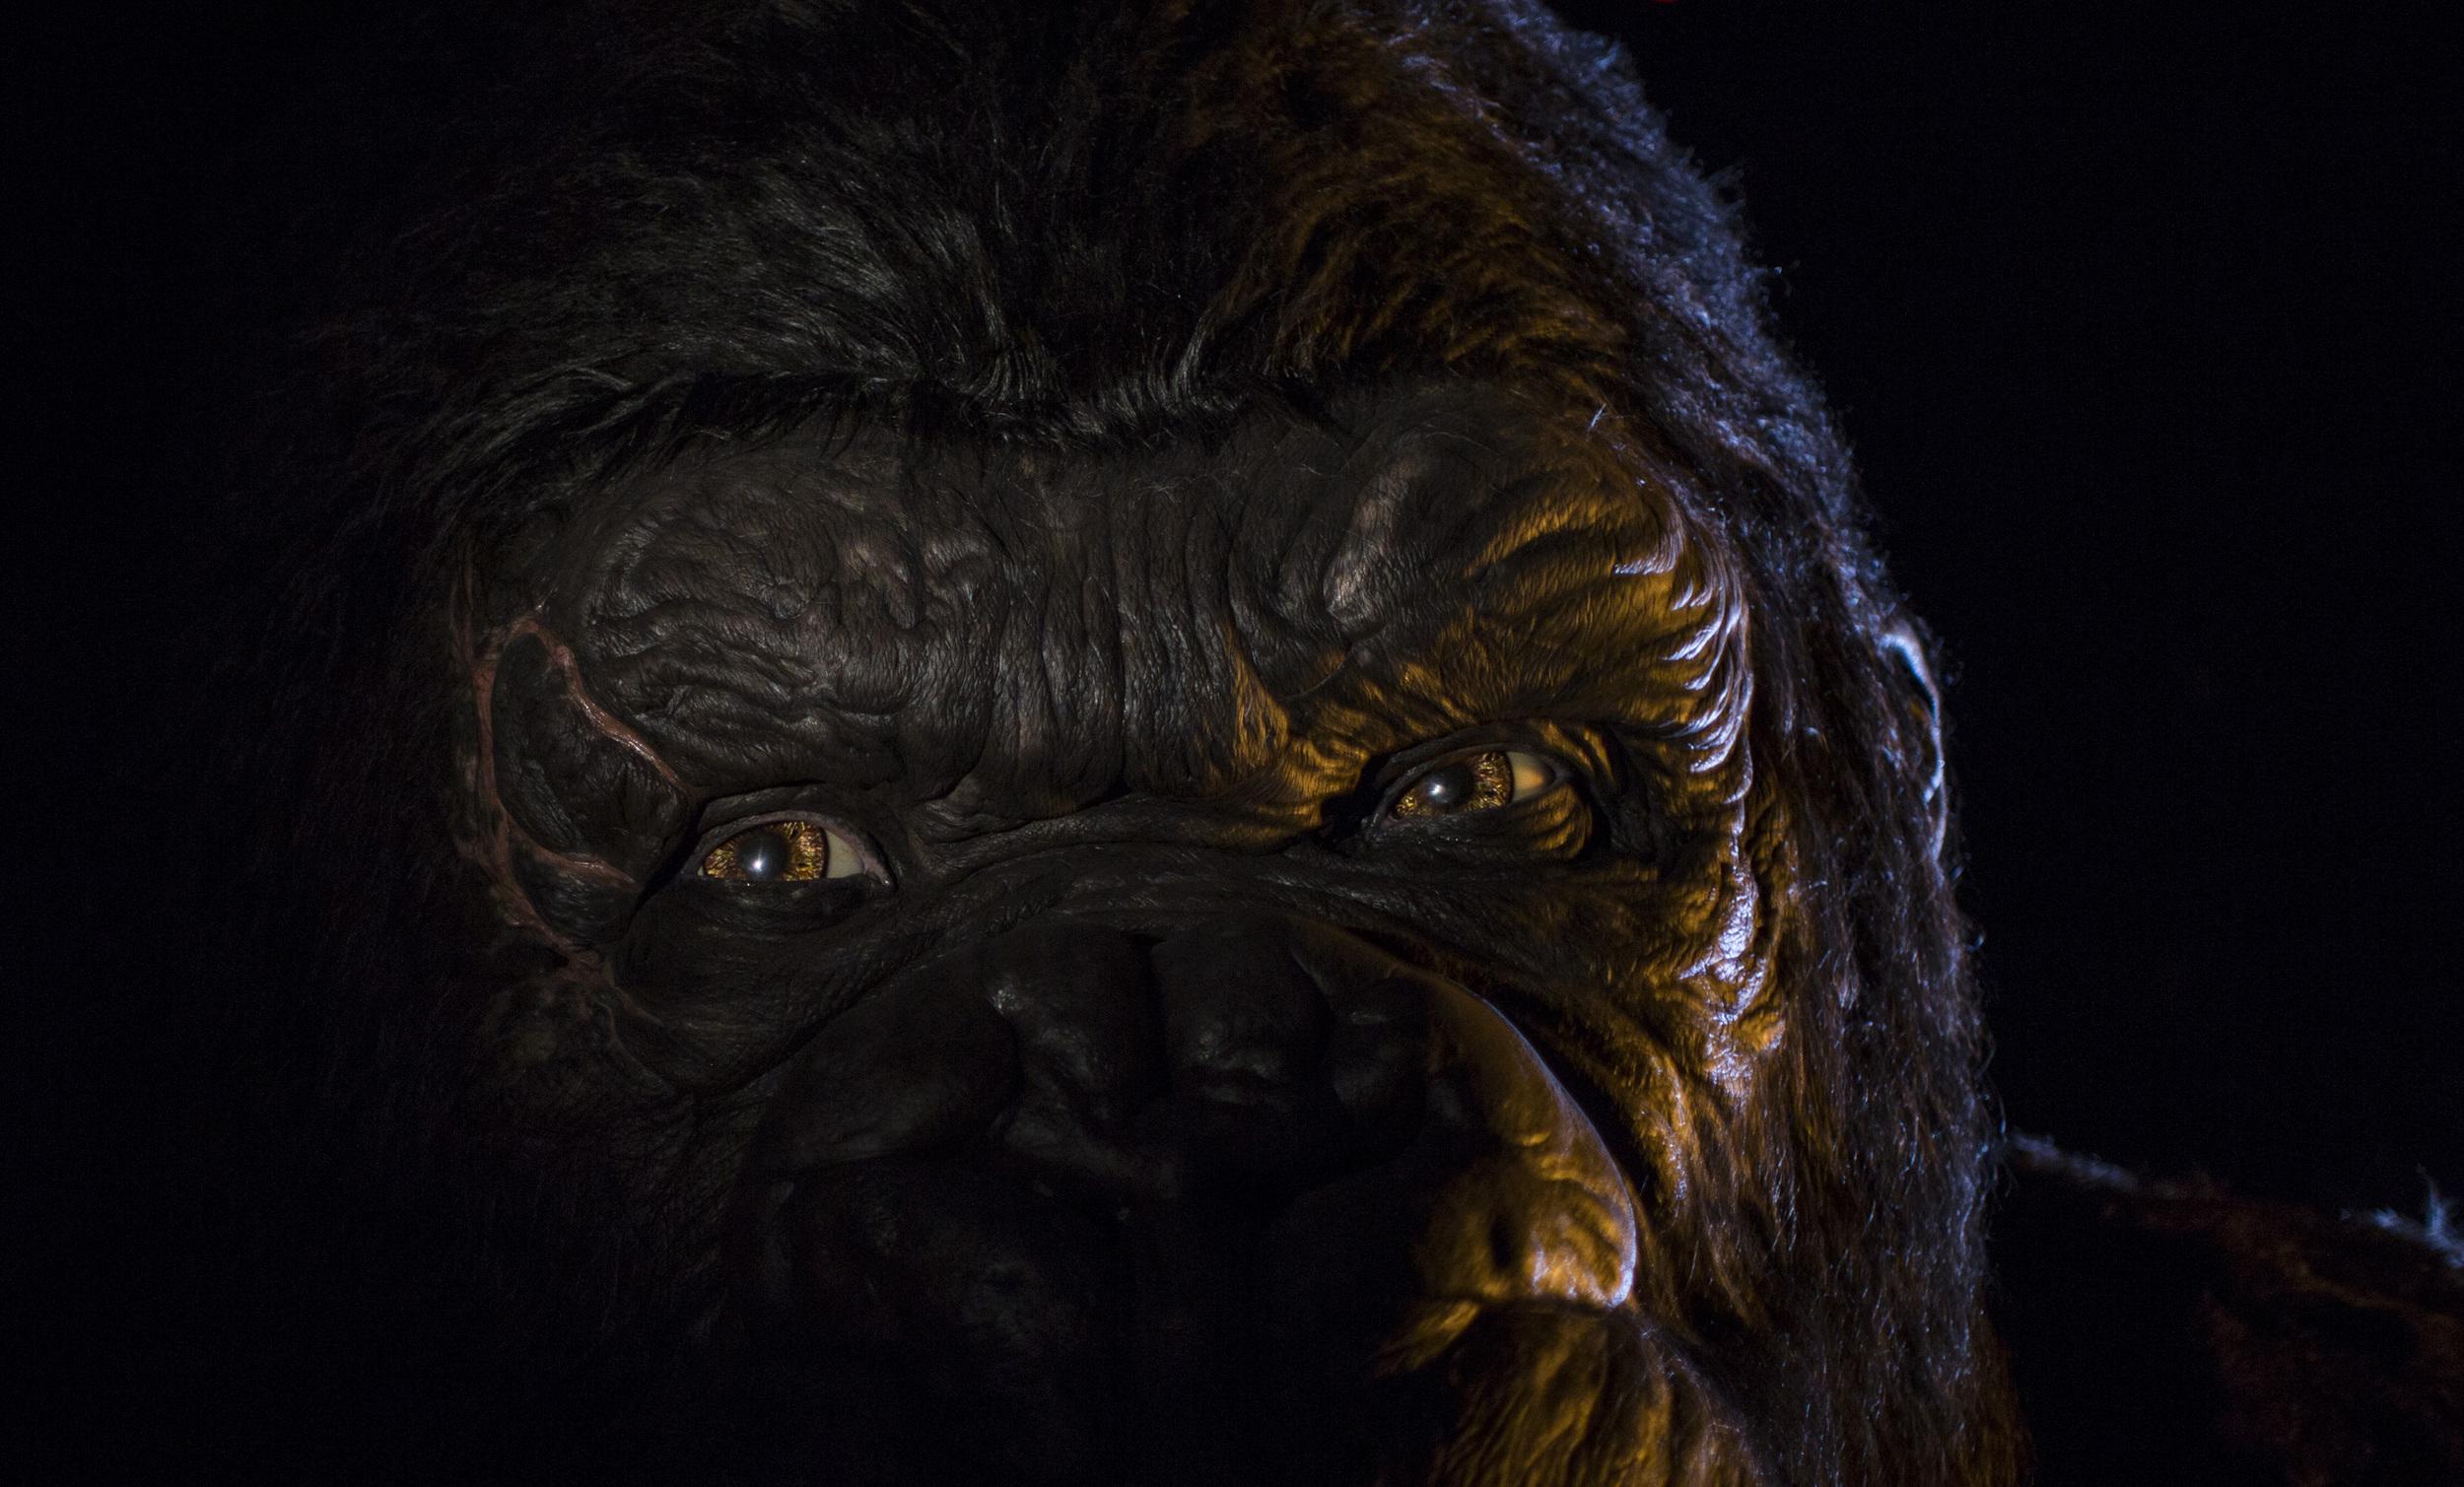 Kong Close-Up